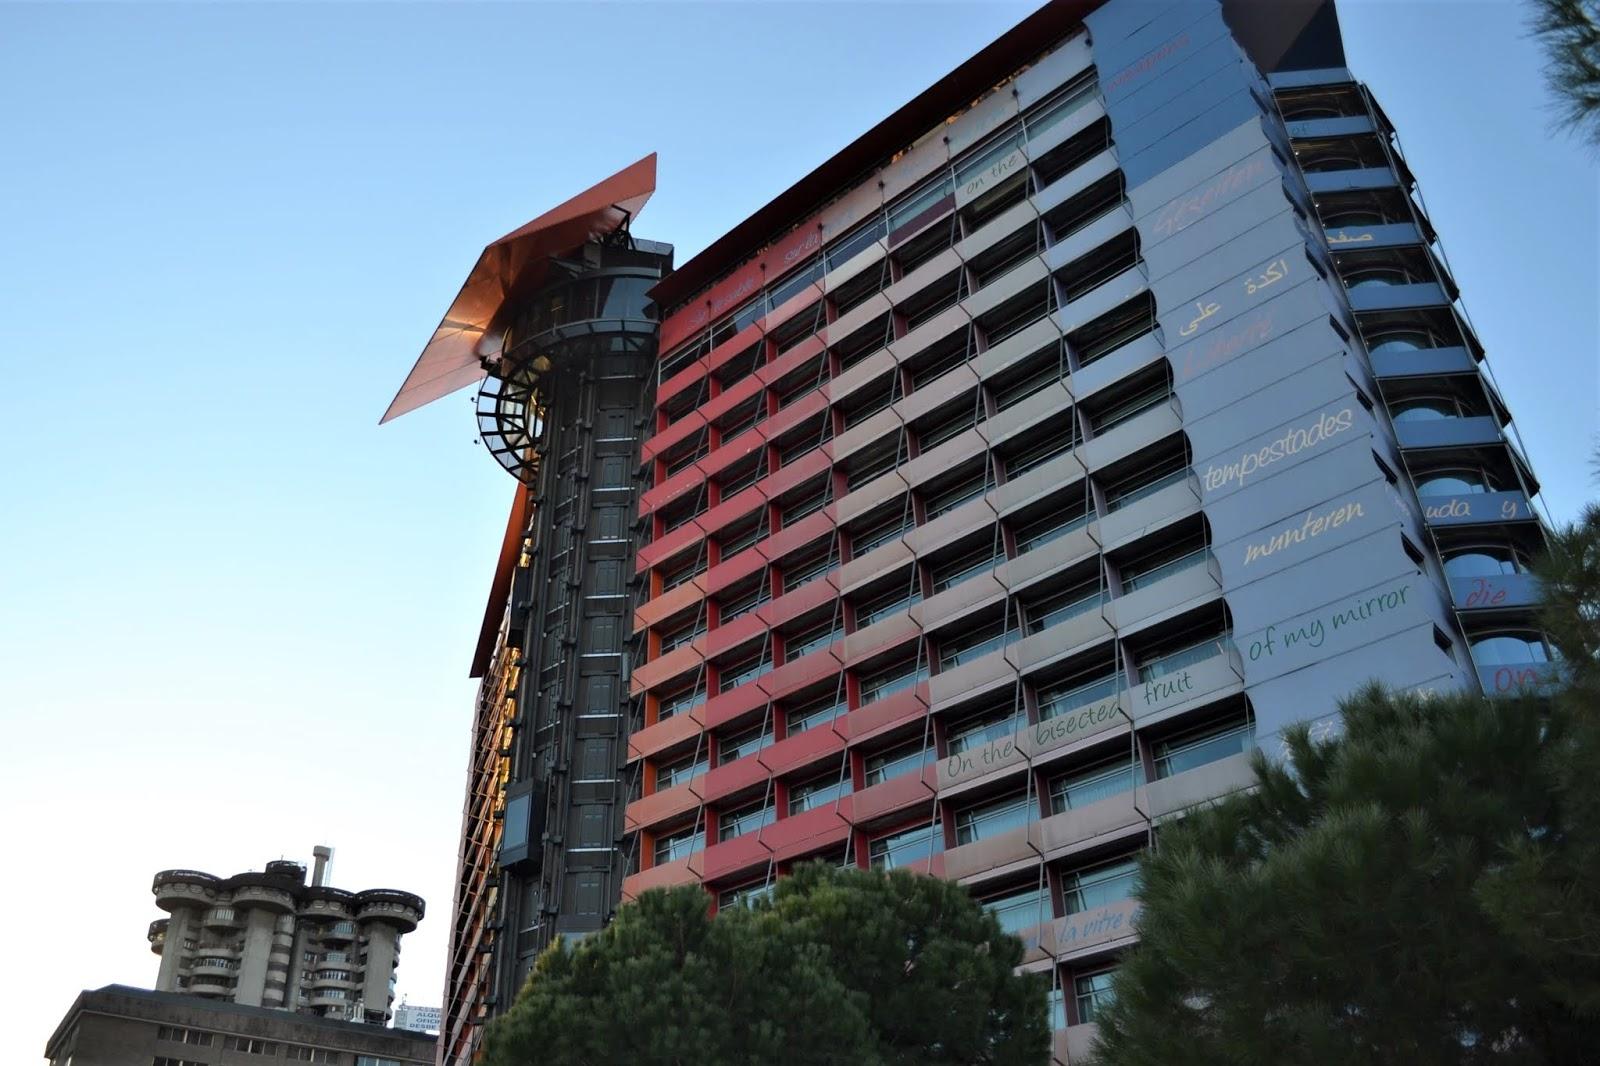 Architettura contemporanea a Madrid